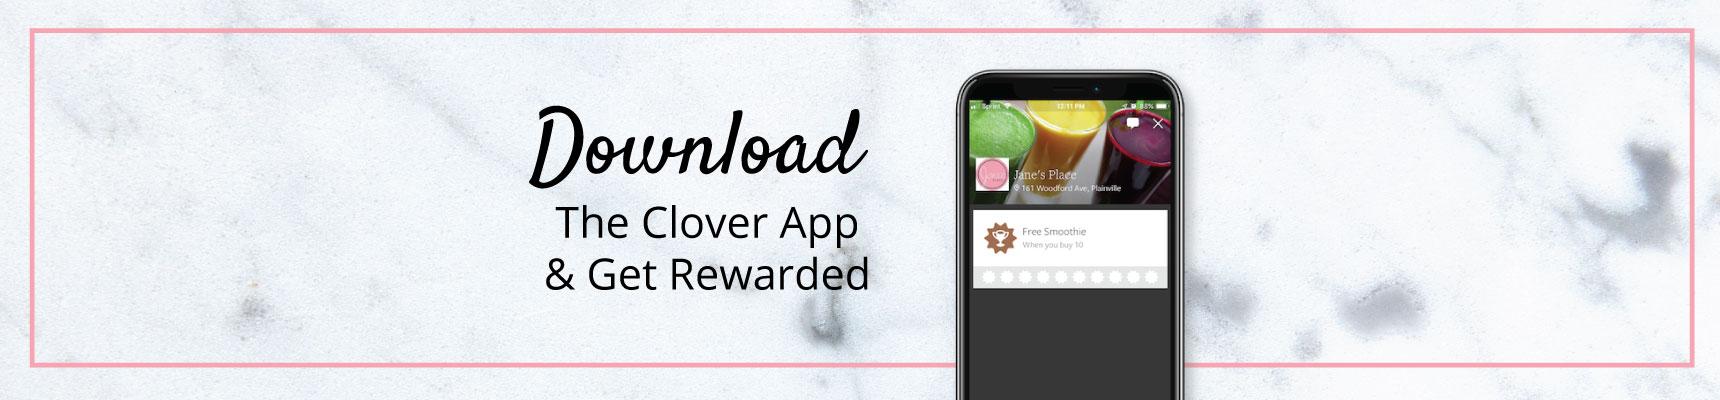 Rewards-banner4